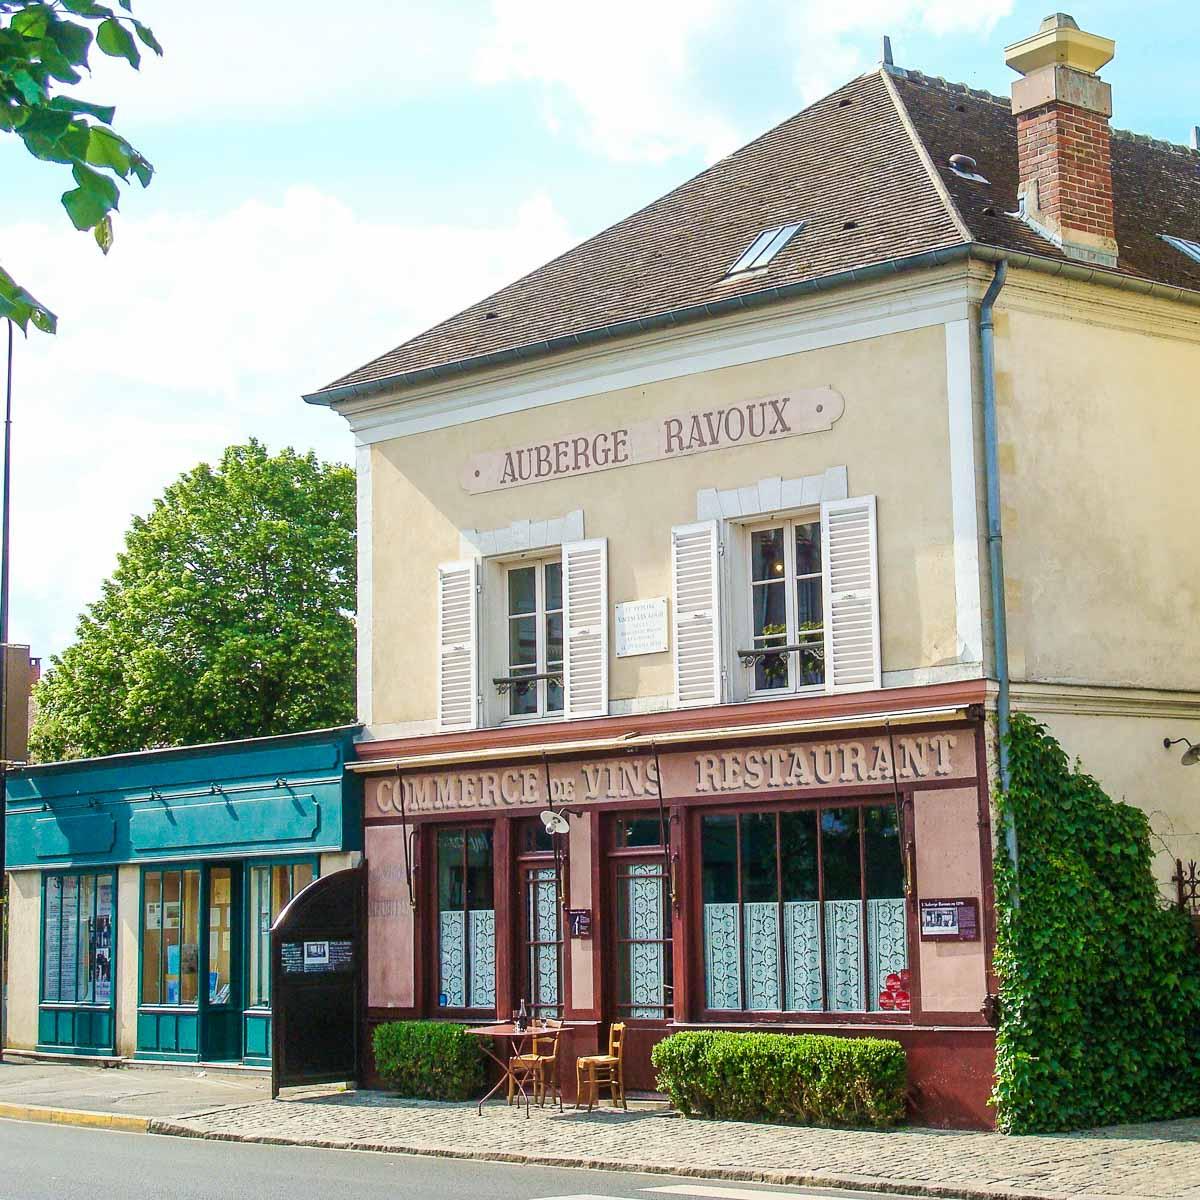 Auberge Ravoux in Auvers-sur-Oise.